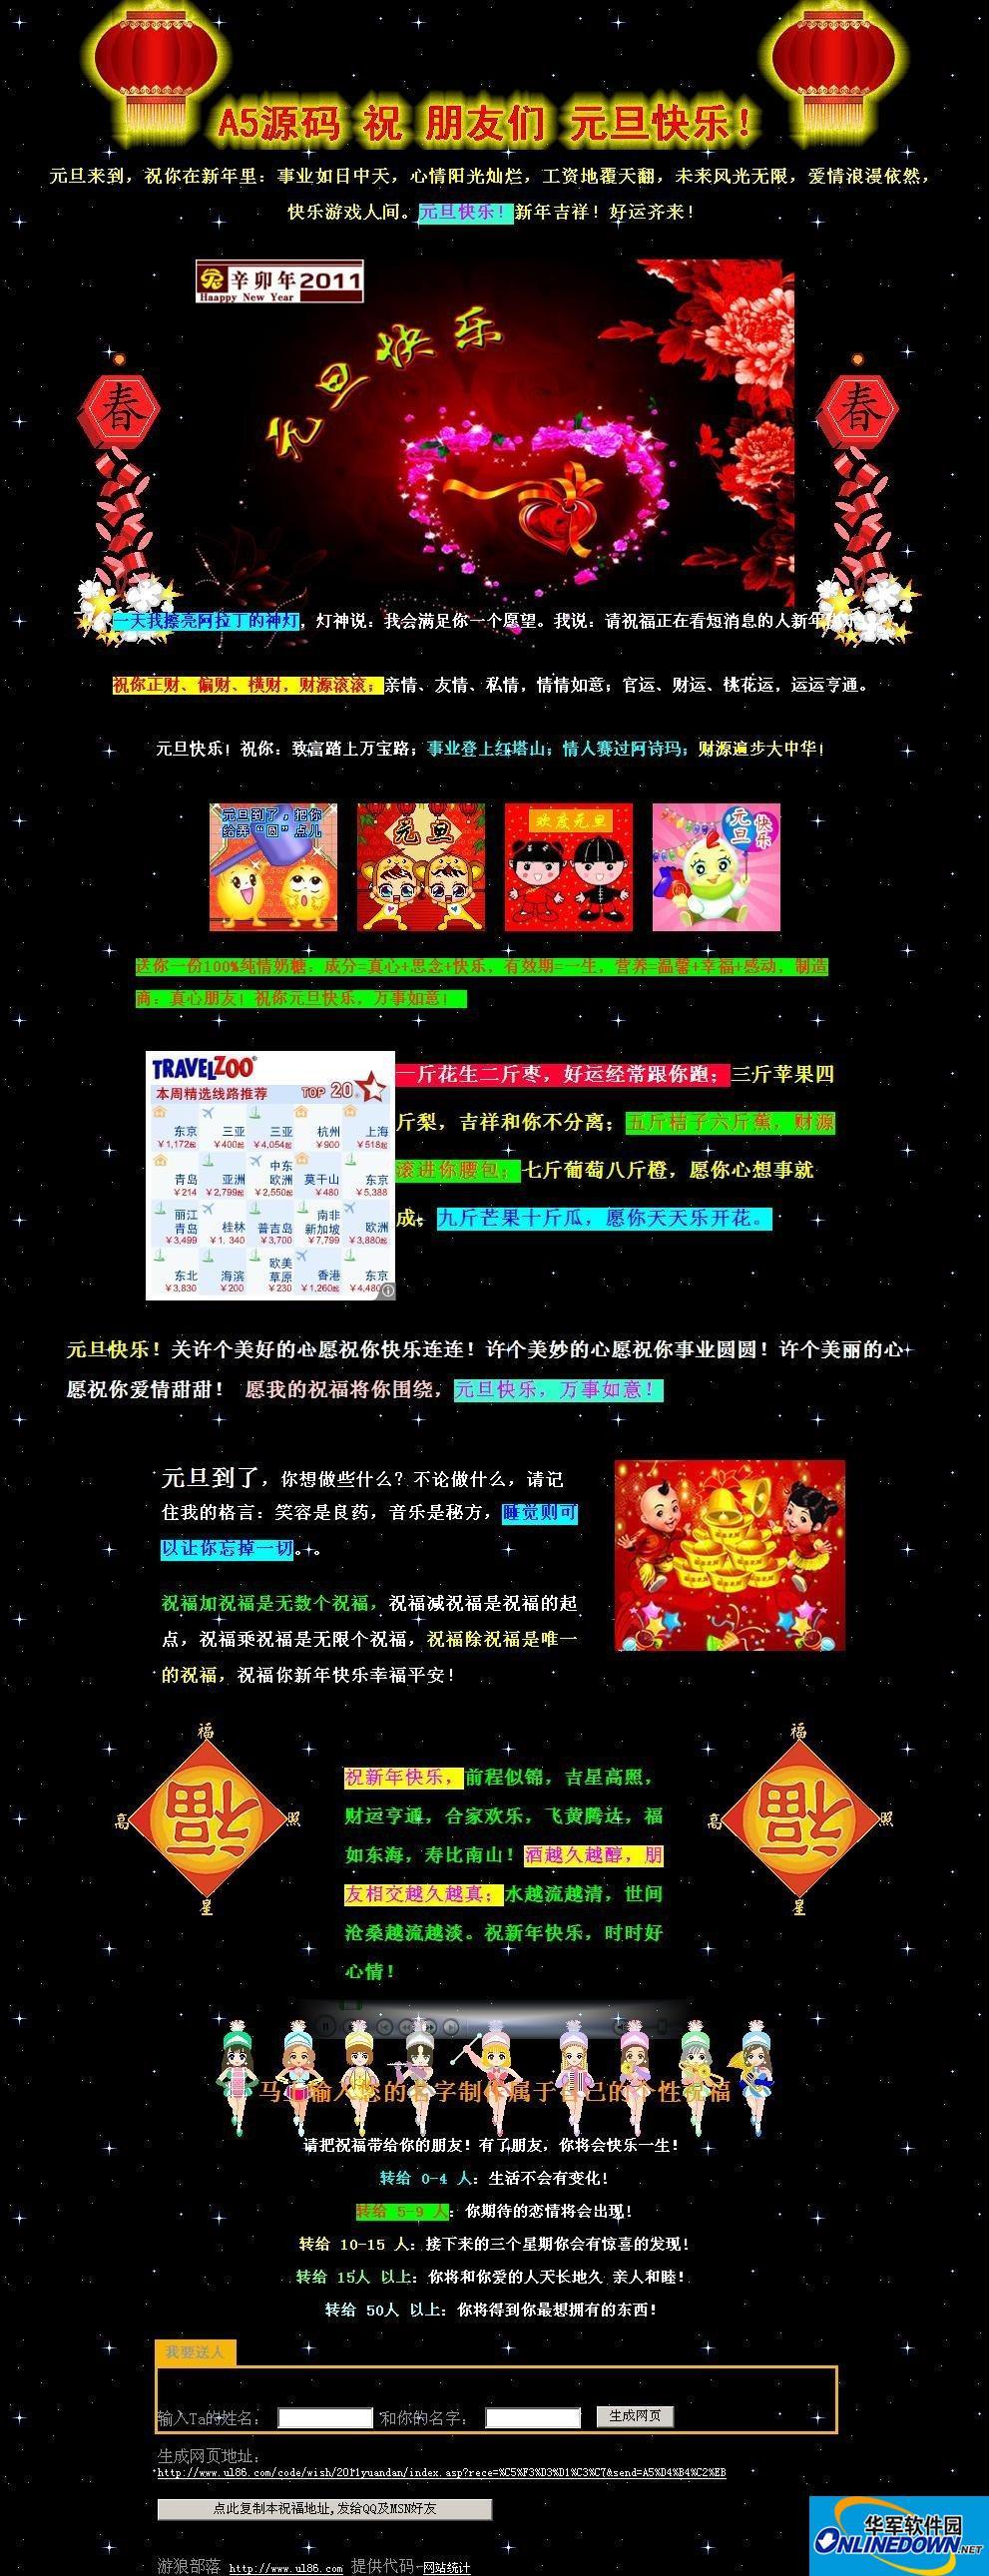 2011年元旦春节祝福网页源码 PC版